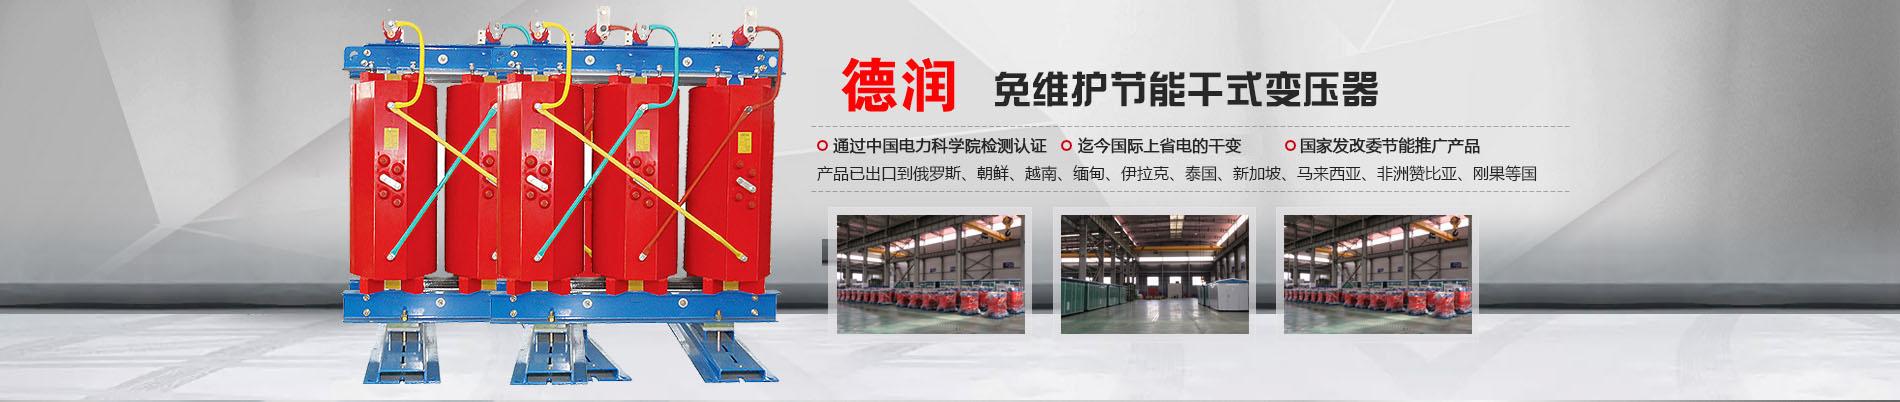 四平干式变压器厂家